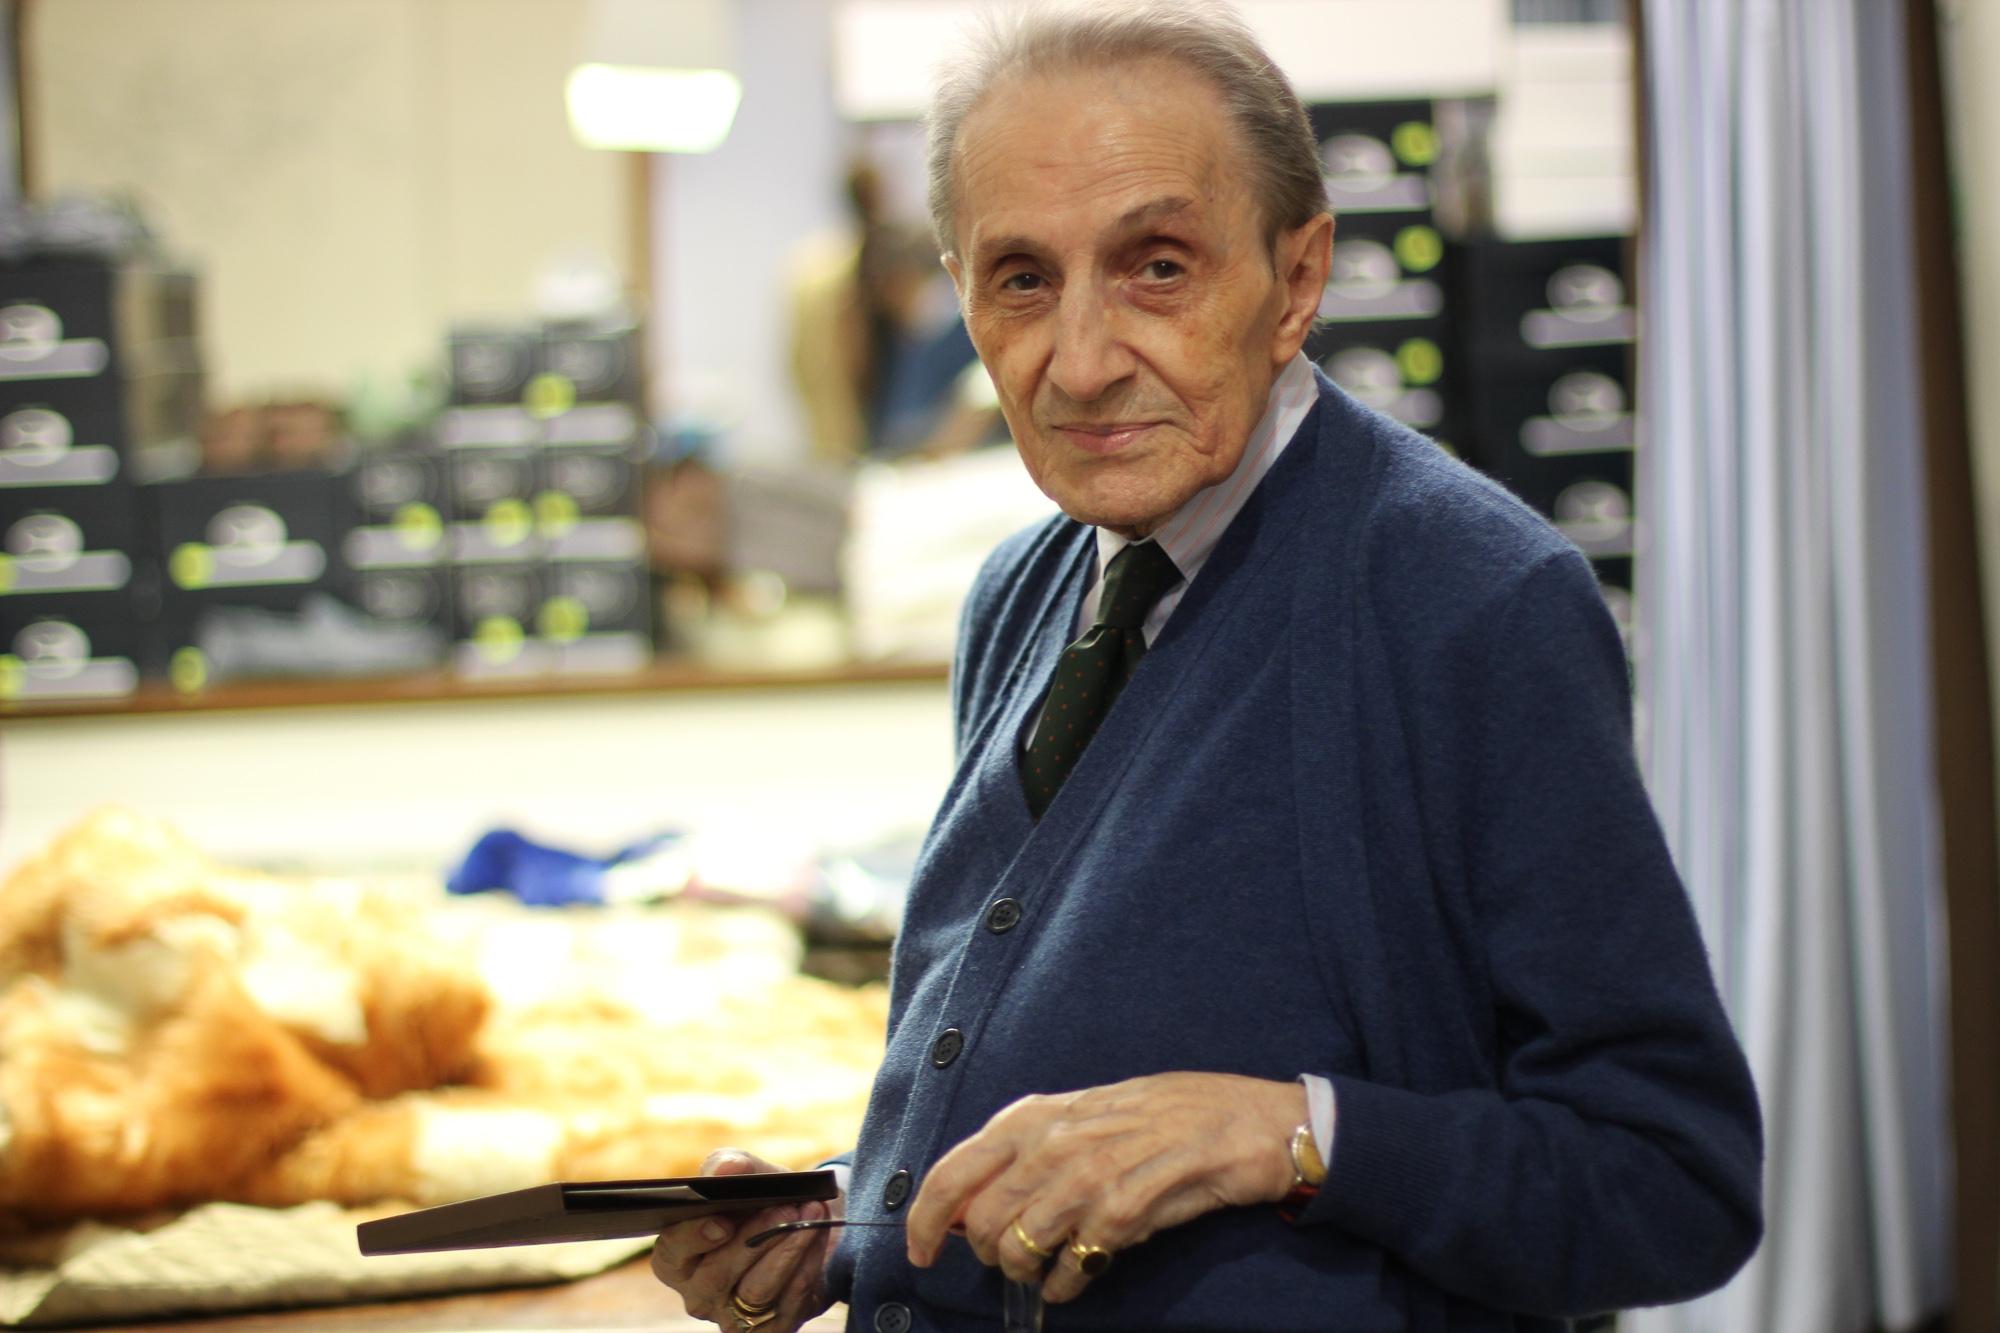 The Roman Chapter: La Camiceria di Piero Oggi i ricami a mano sulle camicie sono diventati come la Vuitton per i provinciali, uno status symbol